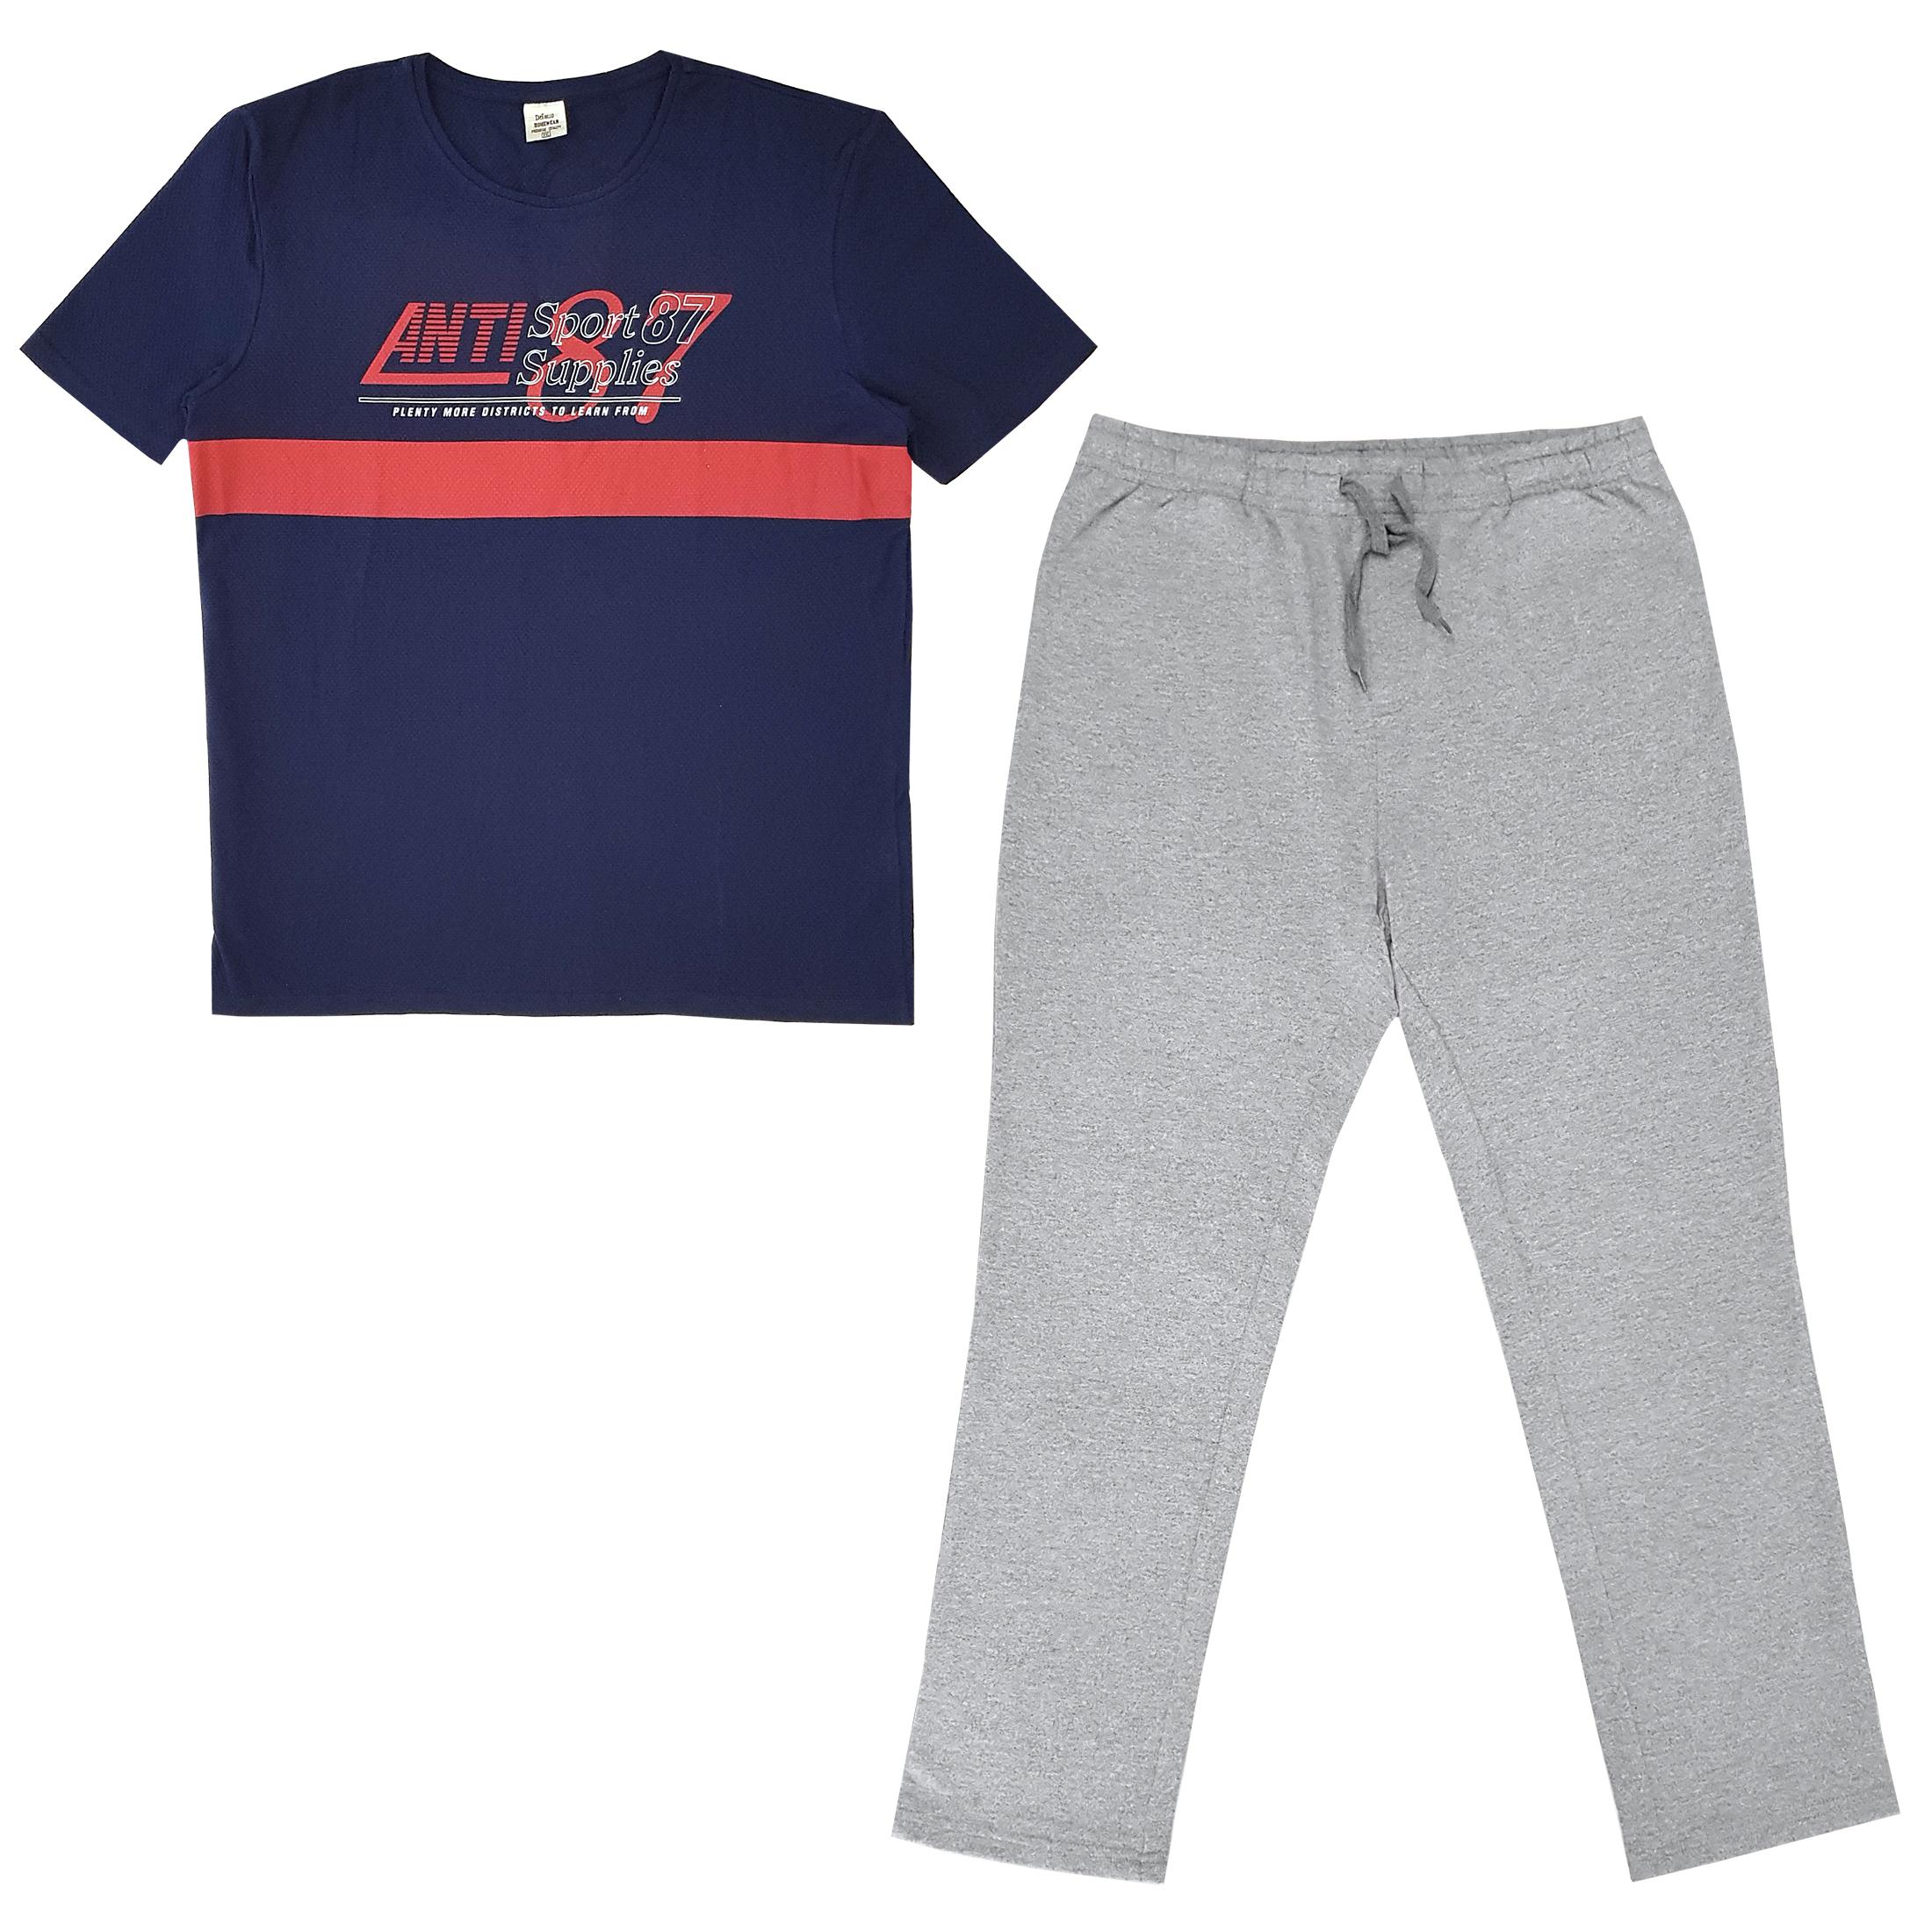 ست تی شرت و شلوار مردانه دفکتو مدل 83IN75